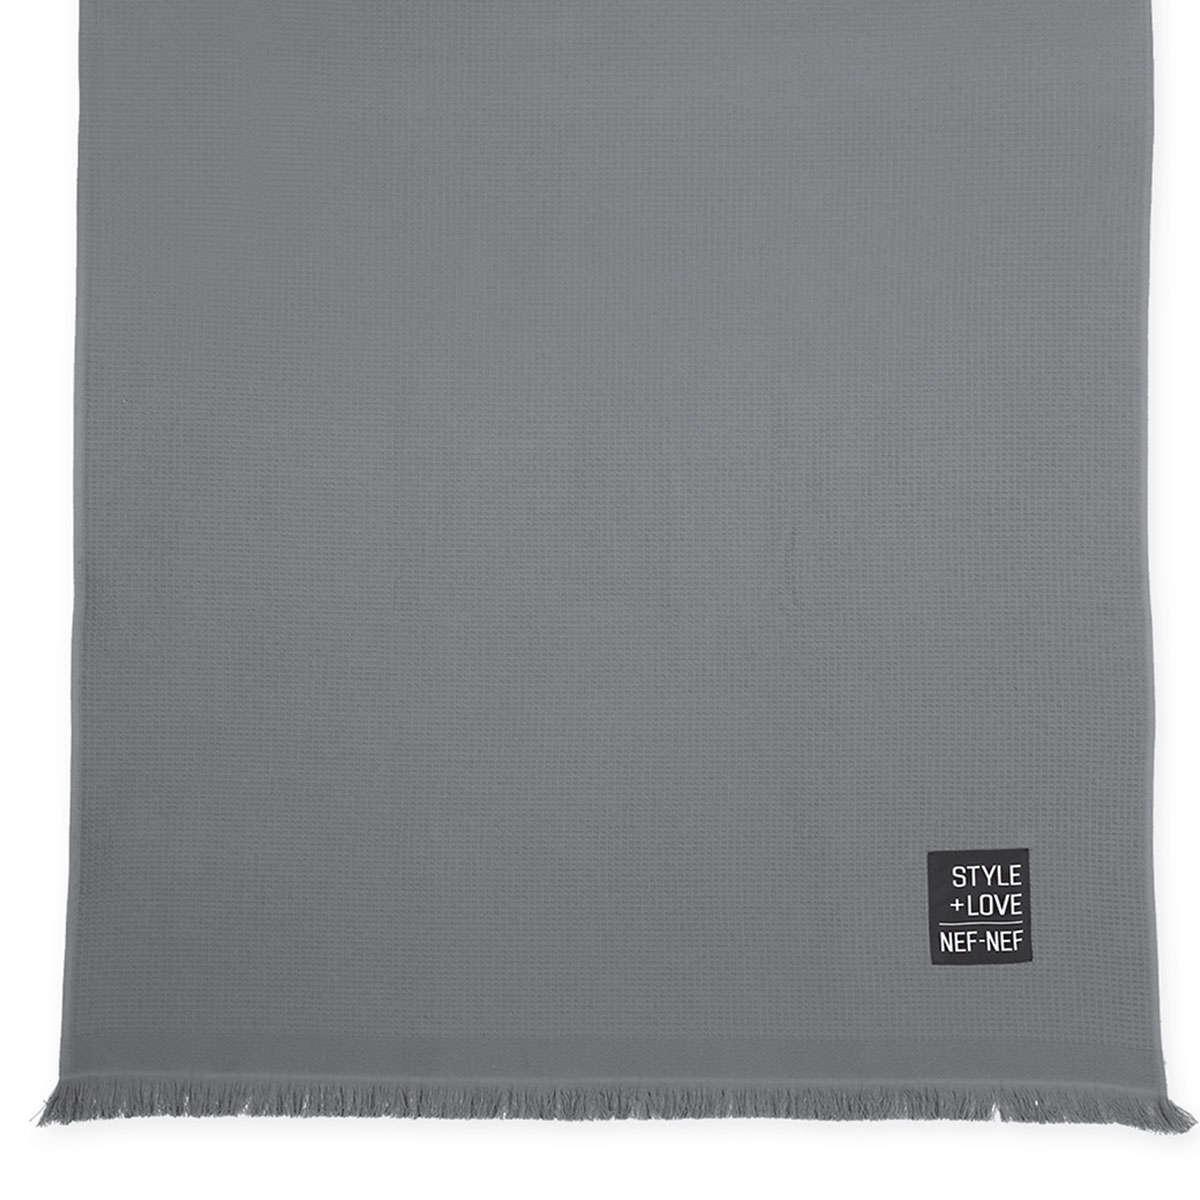 Πετσέτα Θαλάσσης Πικέ Life Style Grey Nef-Nef Θαλάσσης 90x170cm